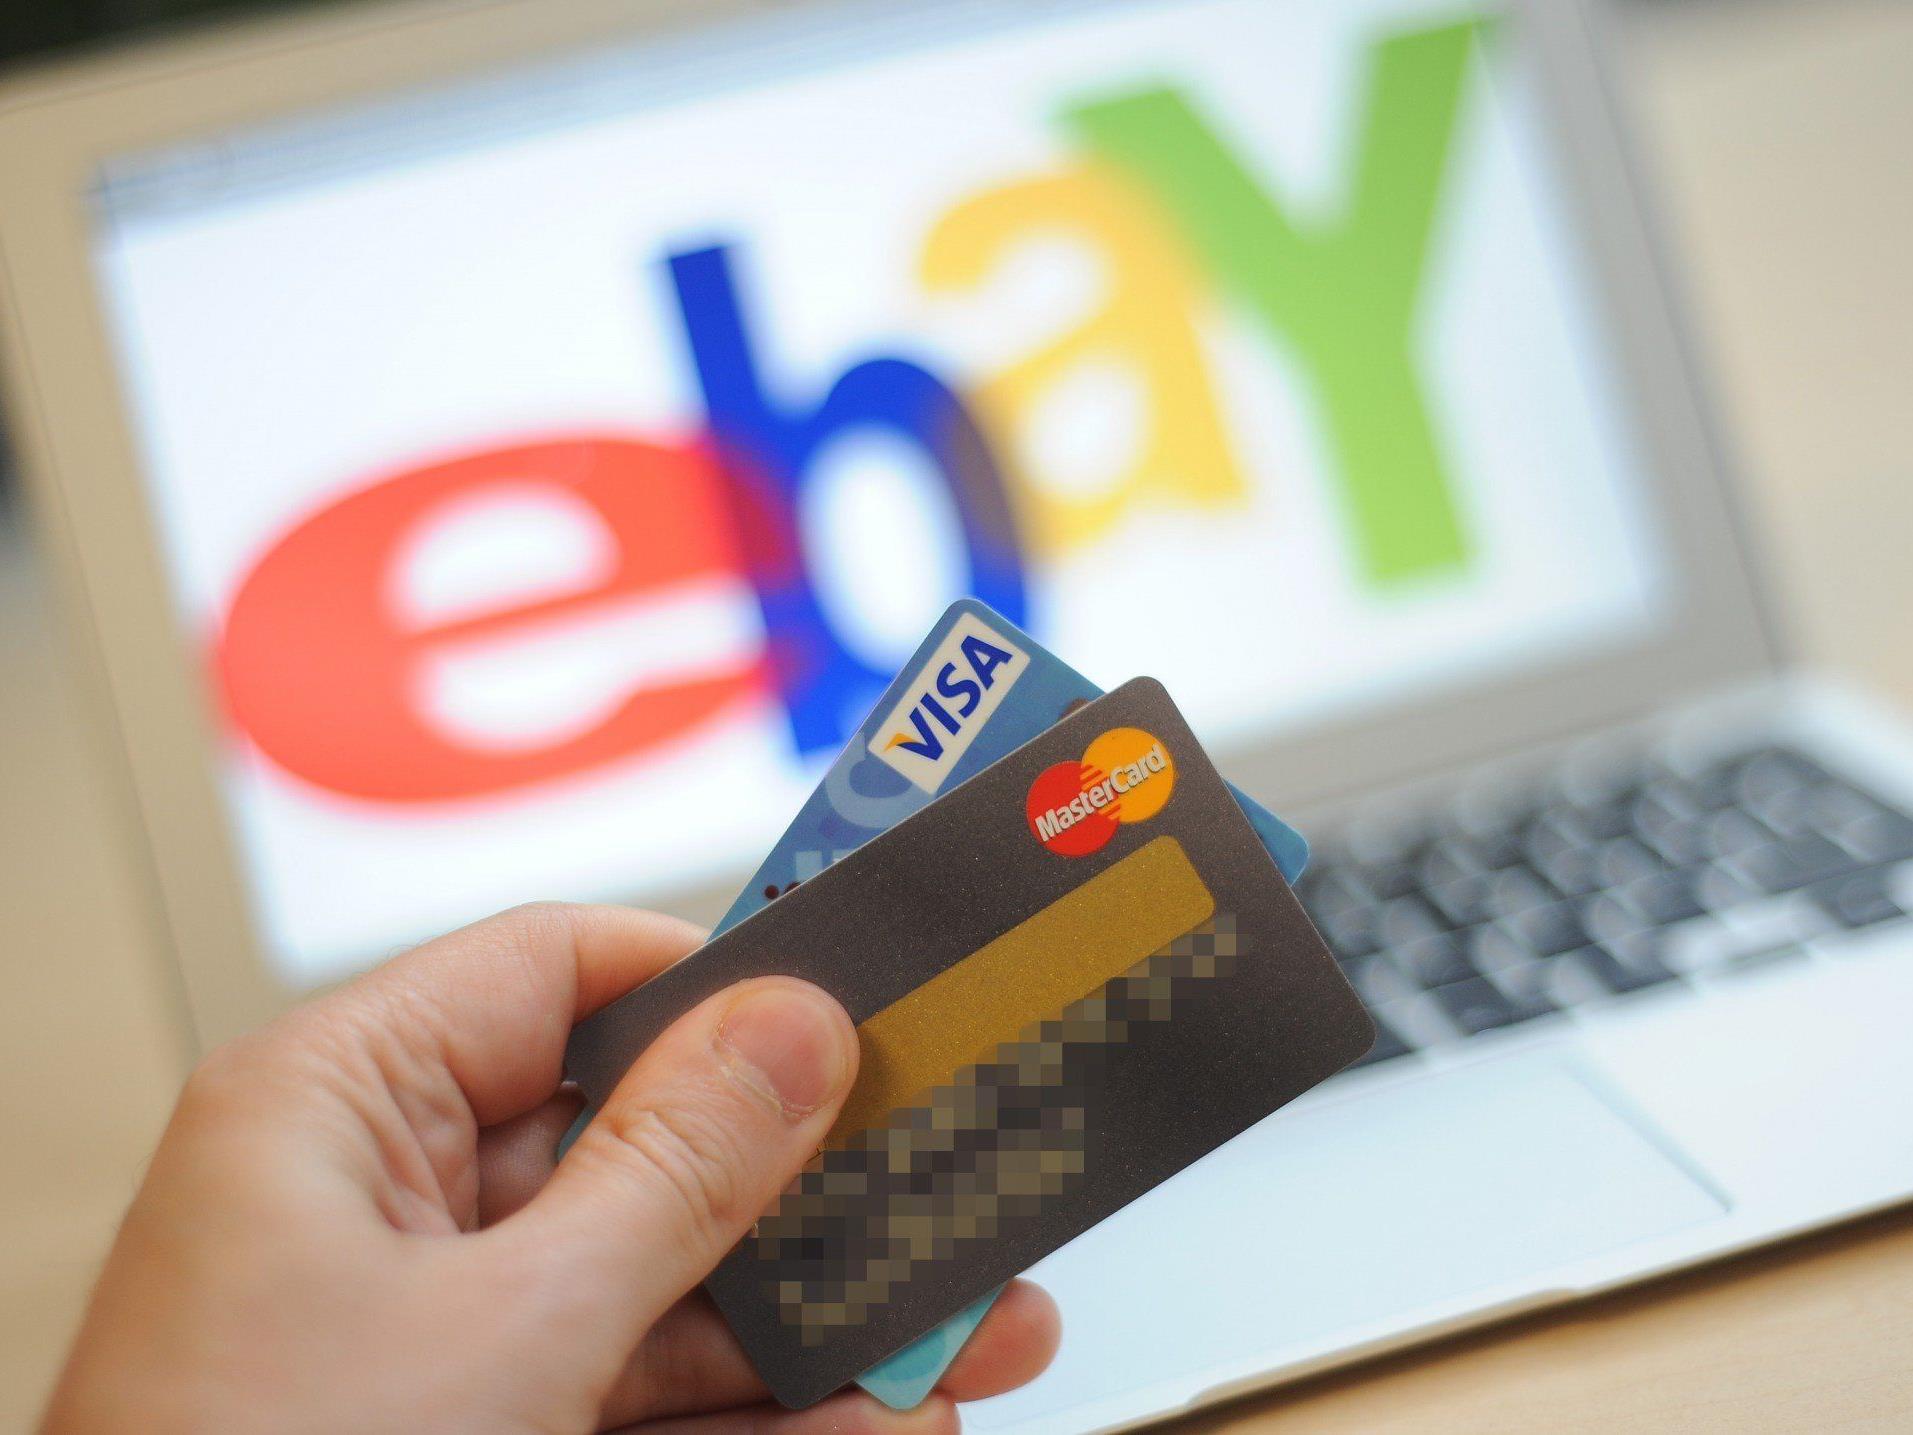 Zum Start sollen rund 30 Prozent der Waren auf Ebay mit dem neuen Garantie-Logo ausgezeichnet sein